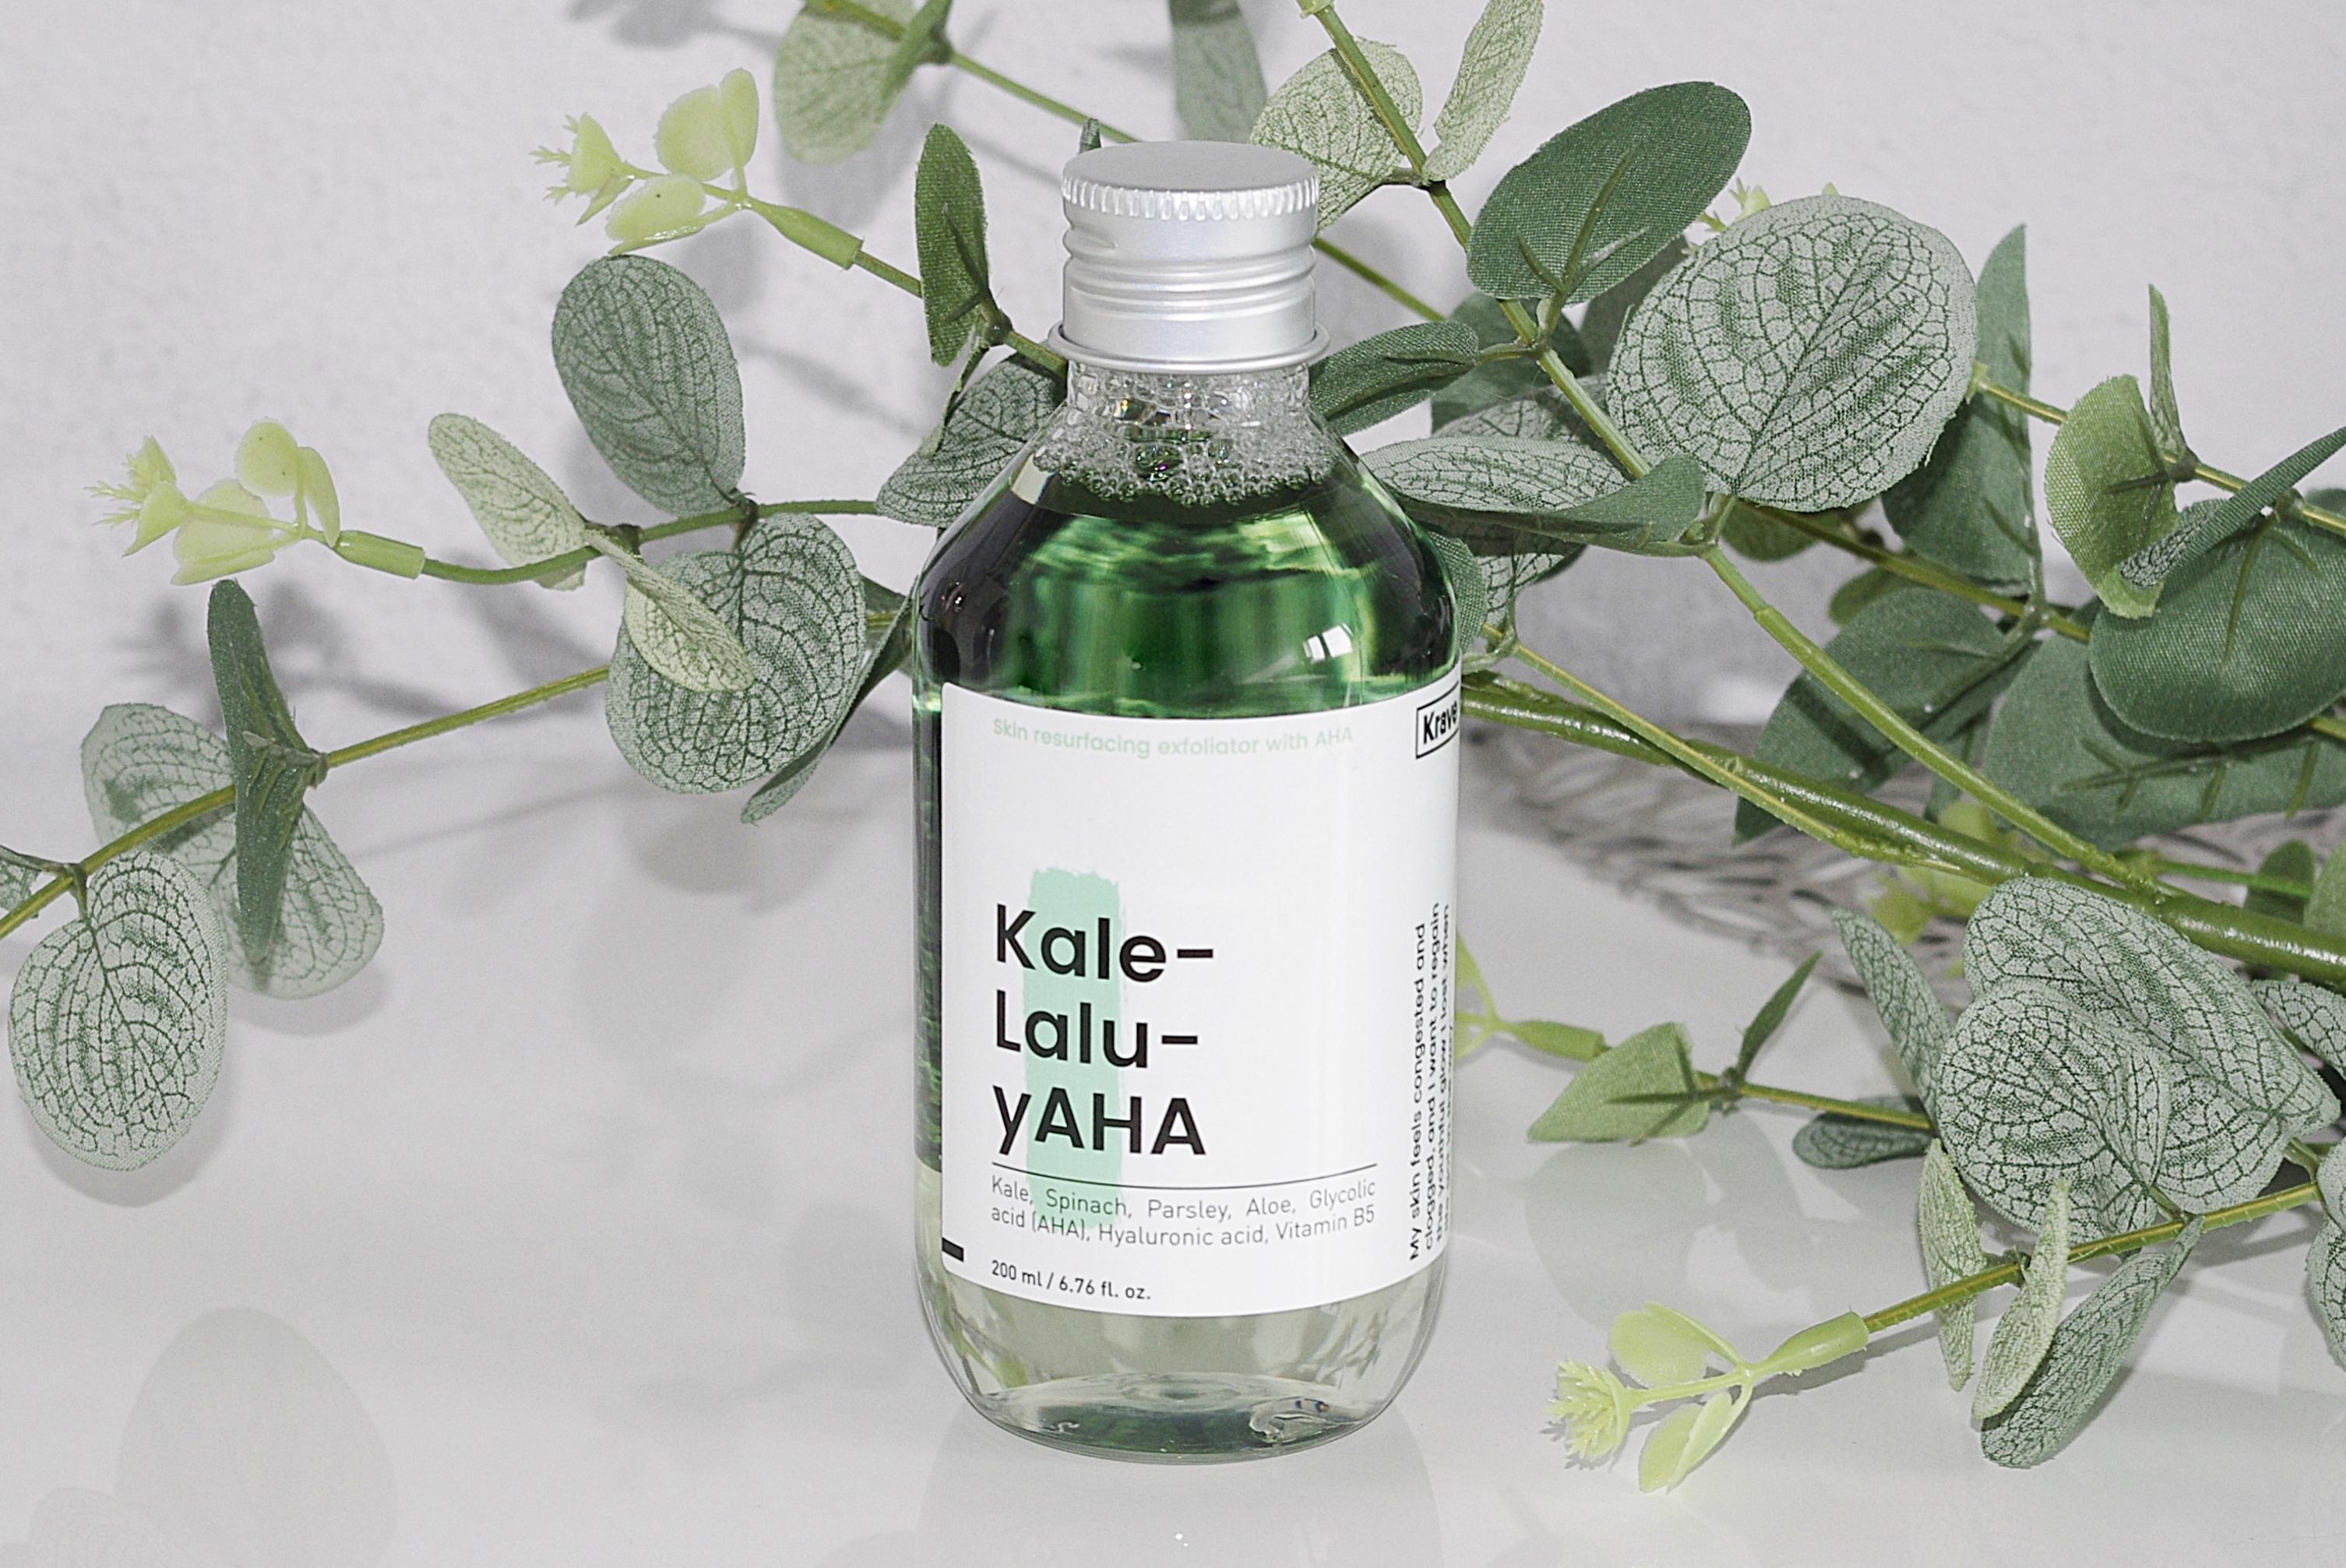 tonik Krave Kale - Lalu - yAha